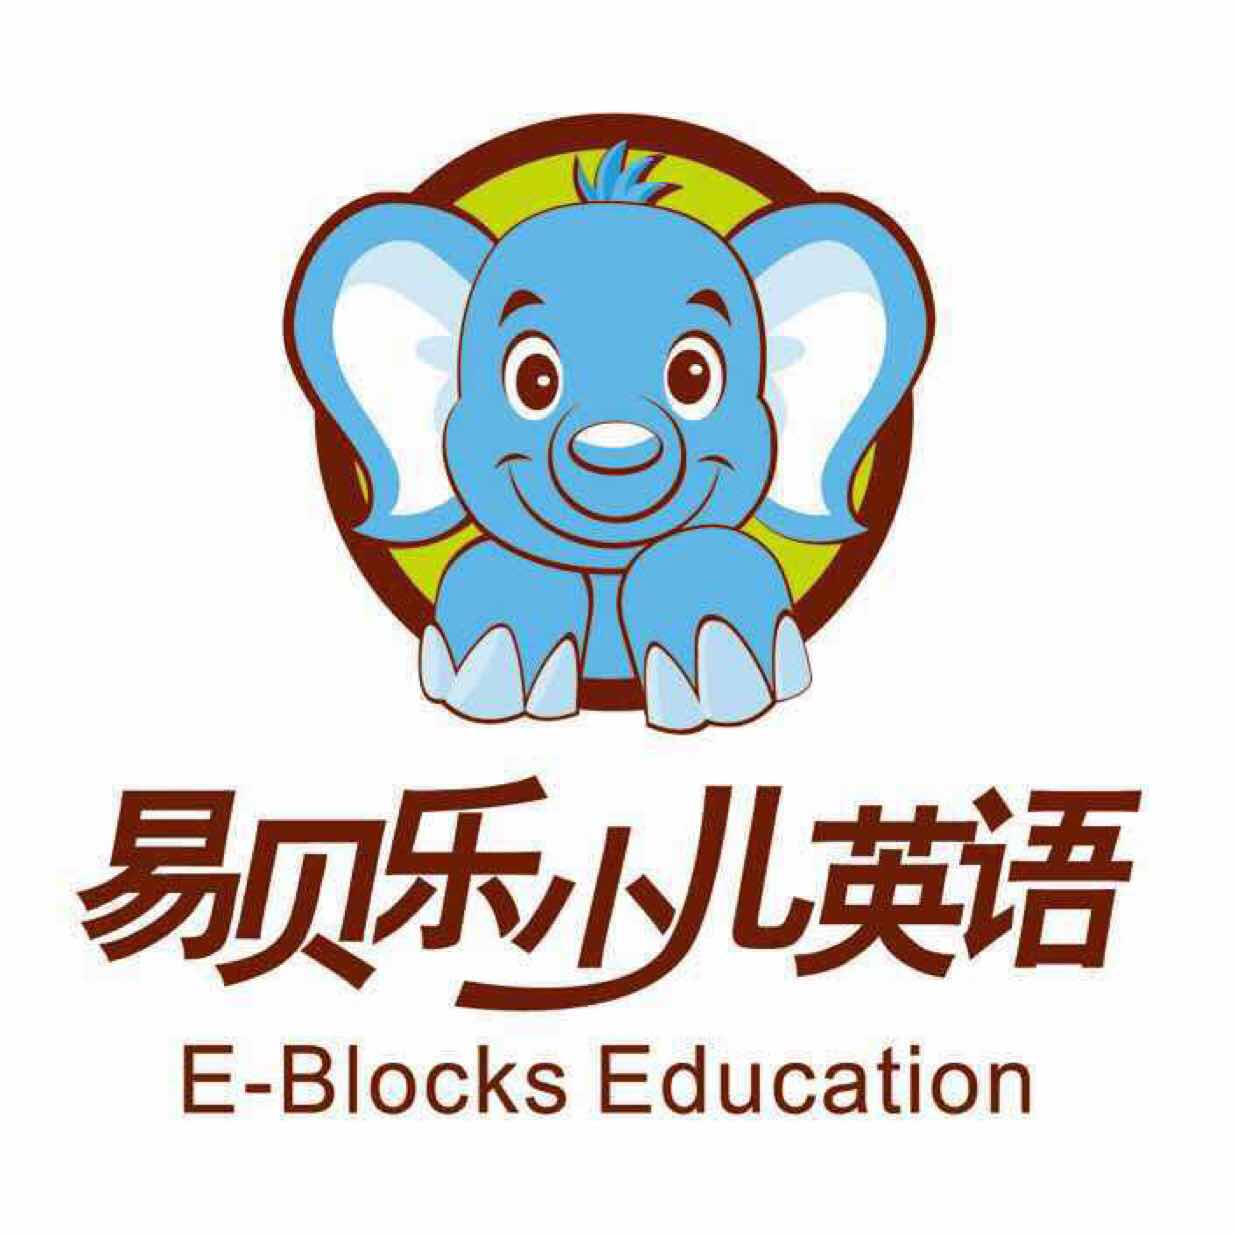 Eblockschina